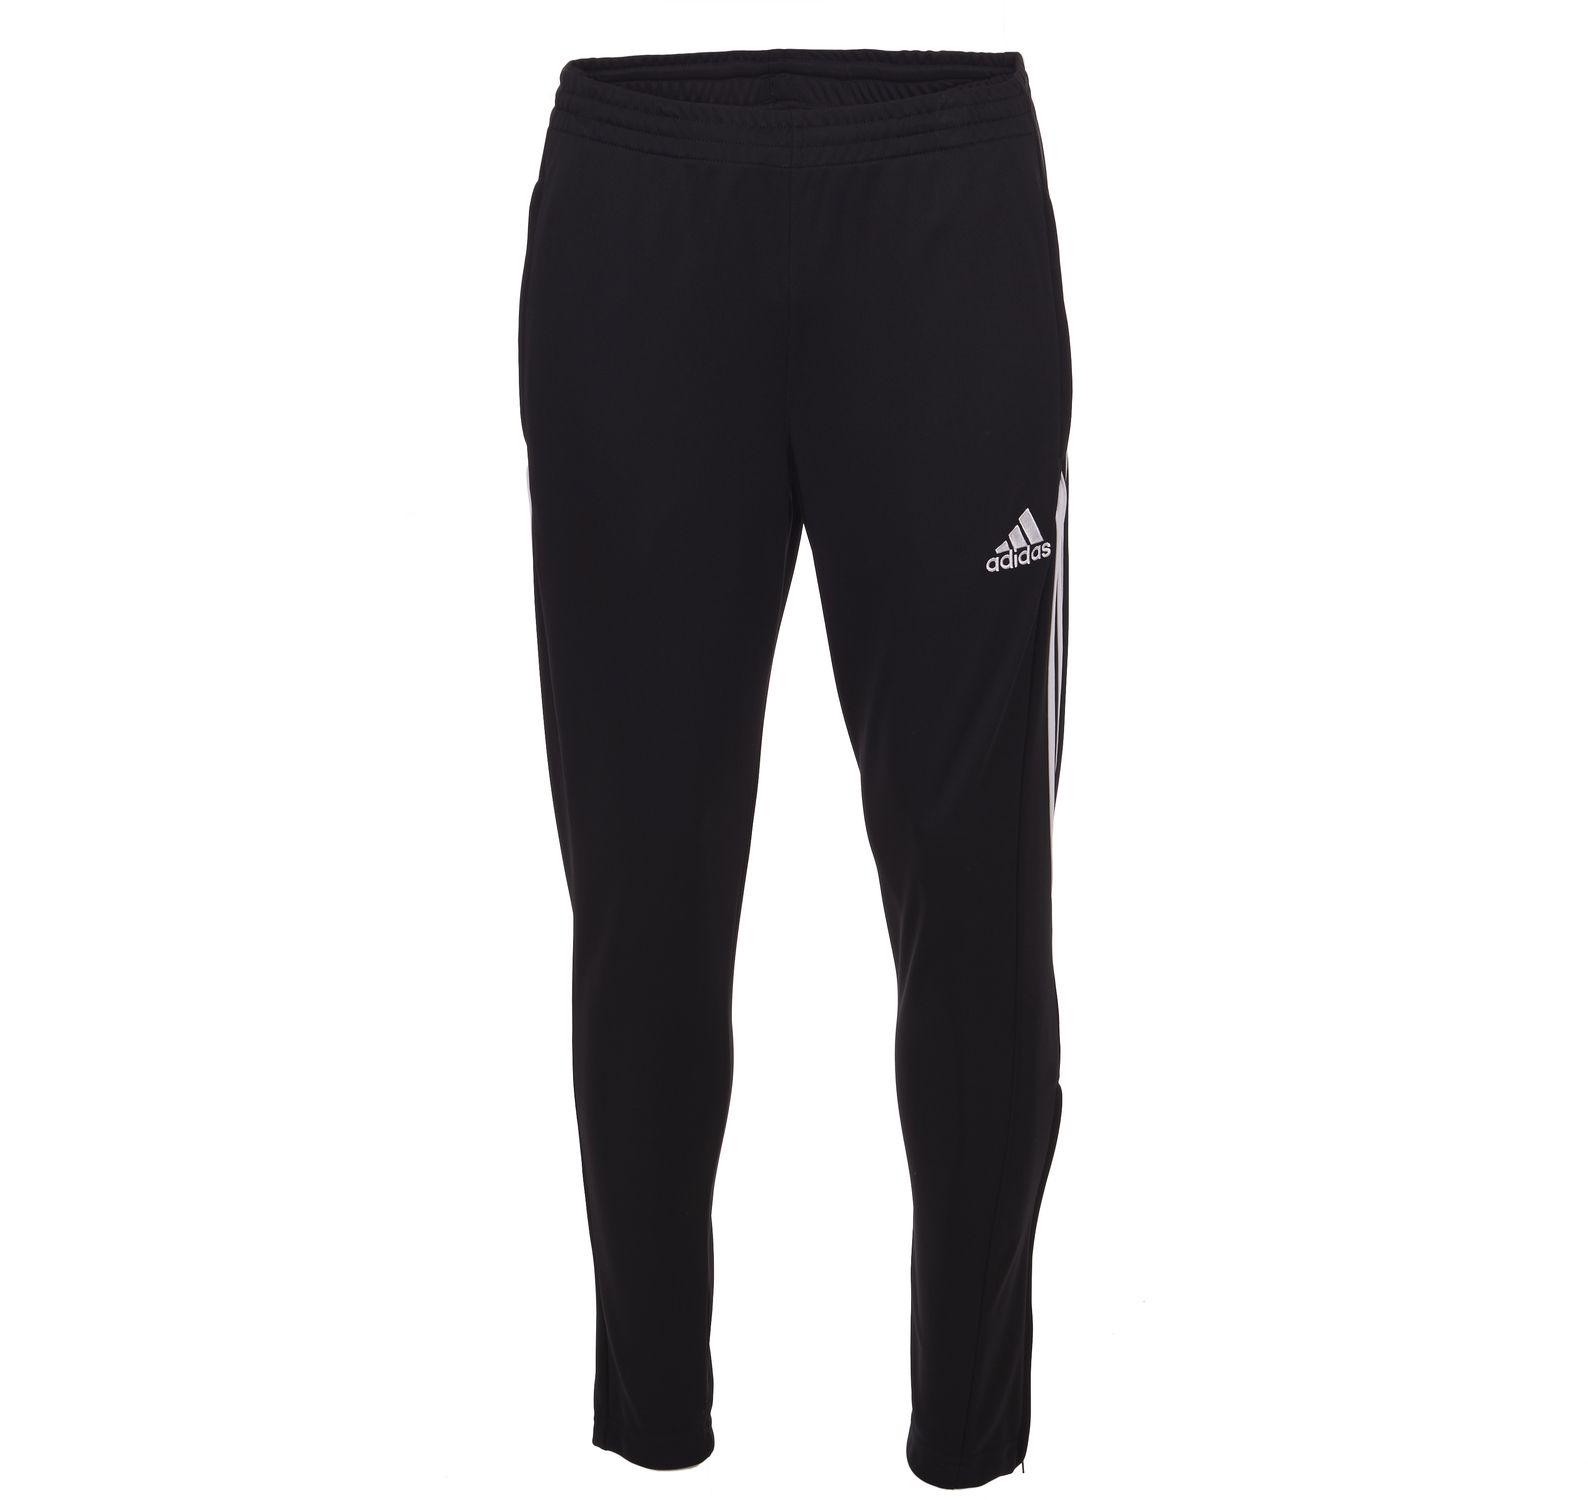 adidas träningsbyxor sere14, black/wht, s,  svarta adidasbyxor